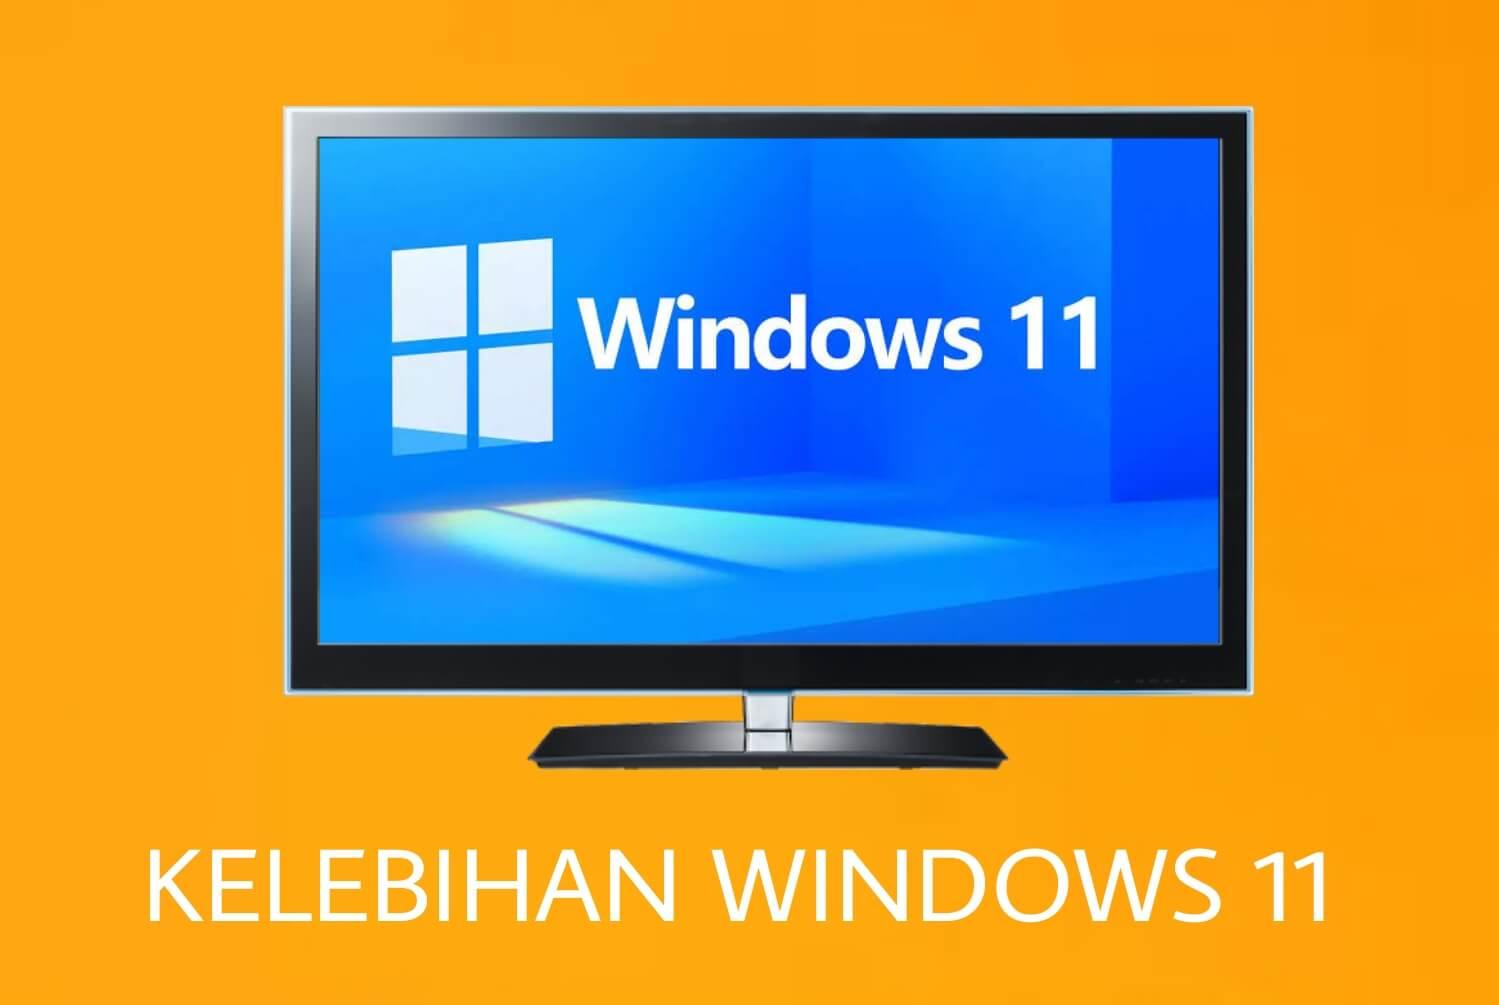 Kelebihan windows 11